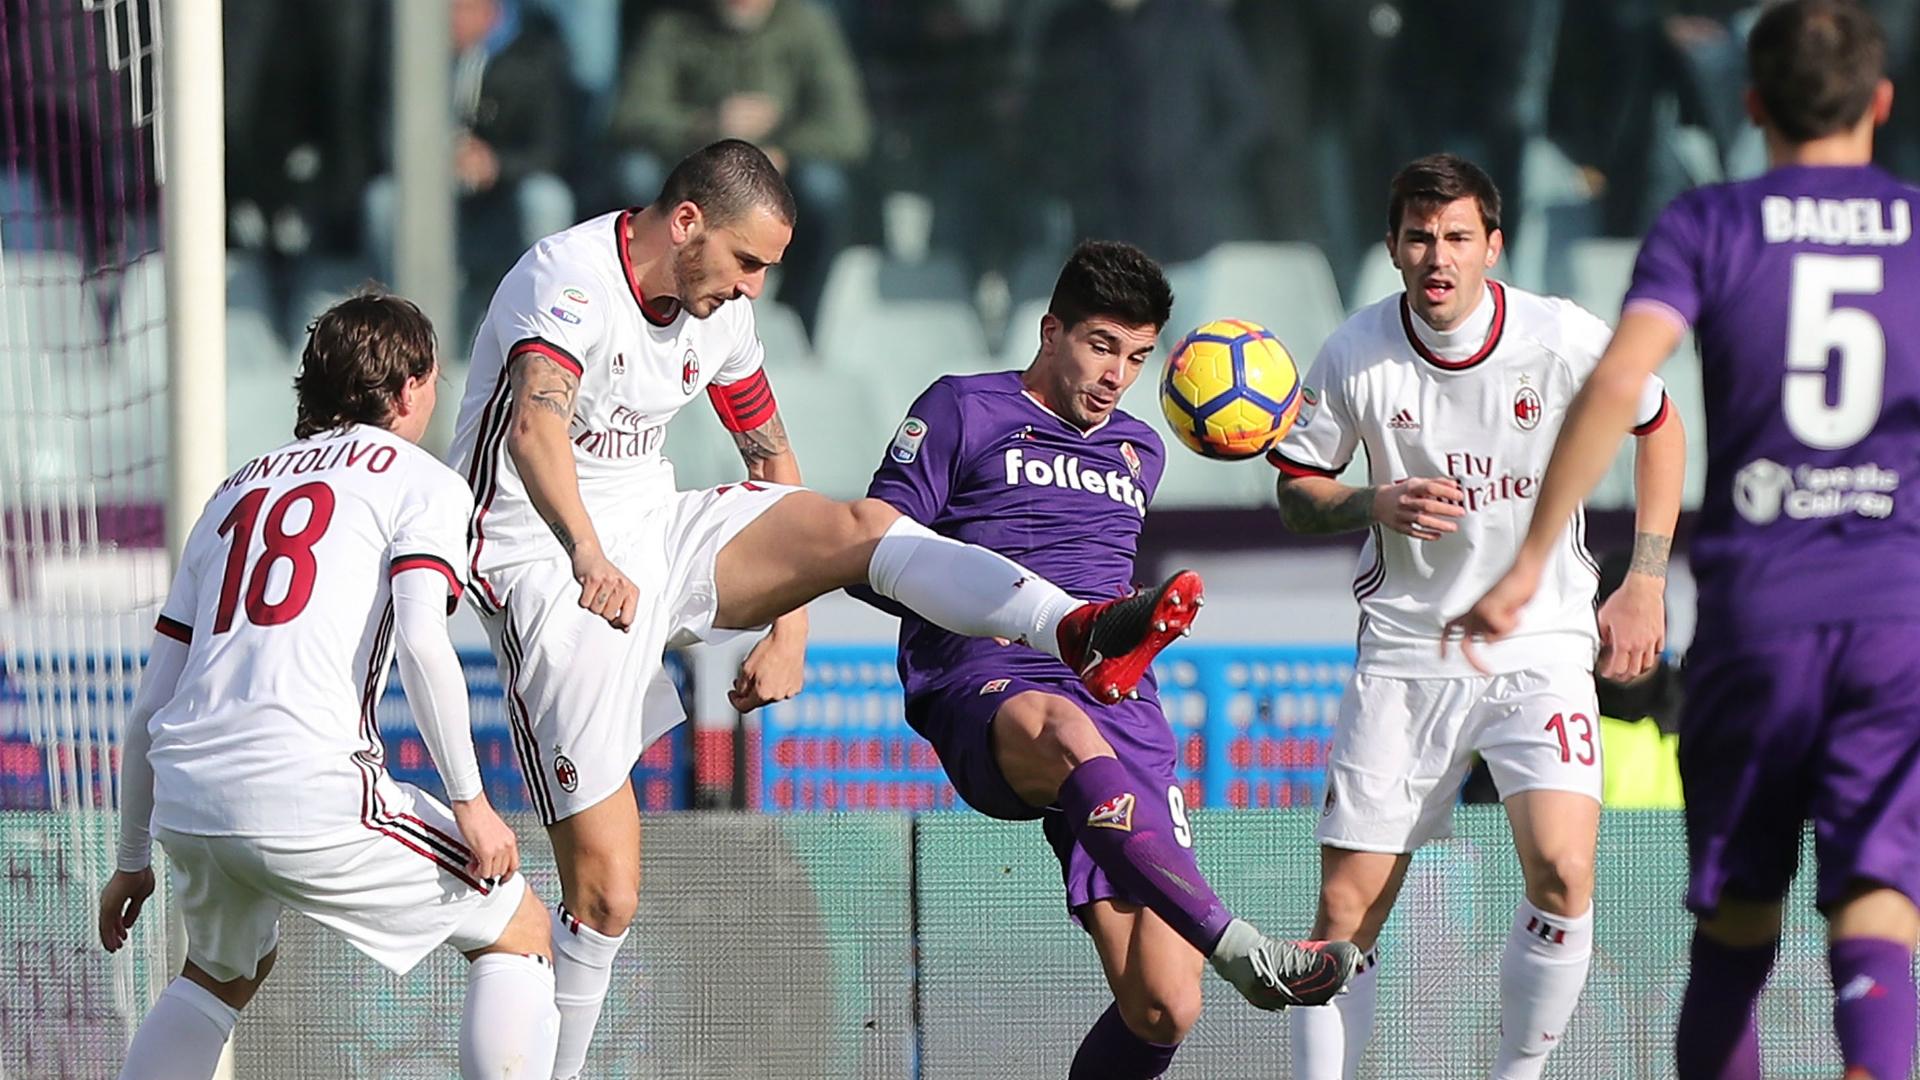 Juventus-Napoli, e se decidesse la differenza reti?